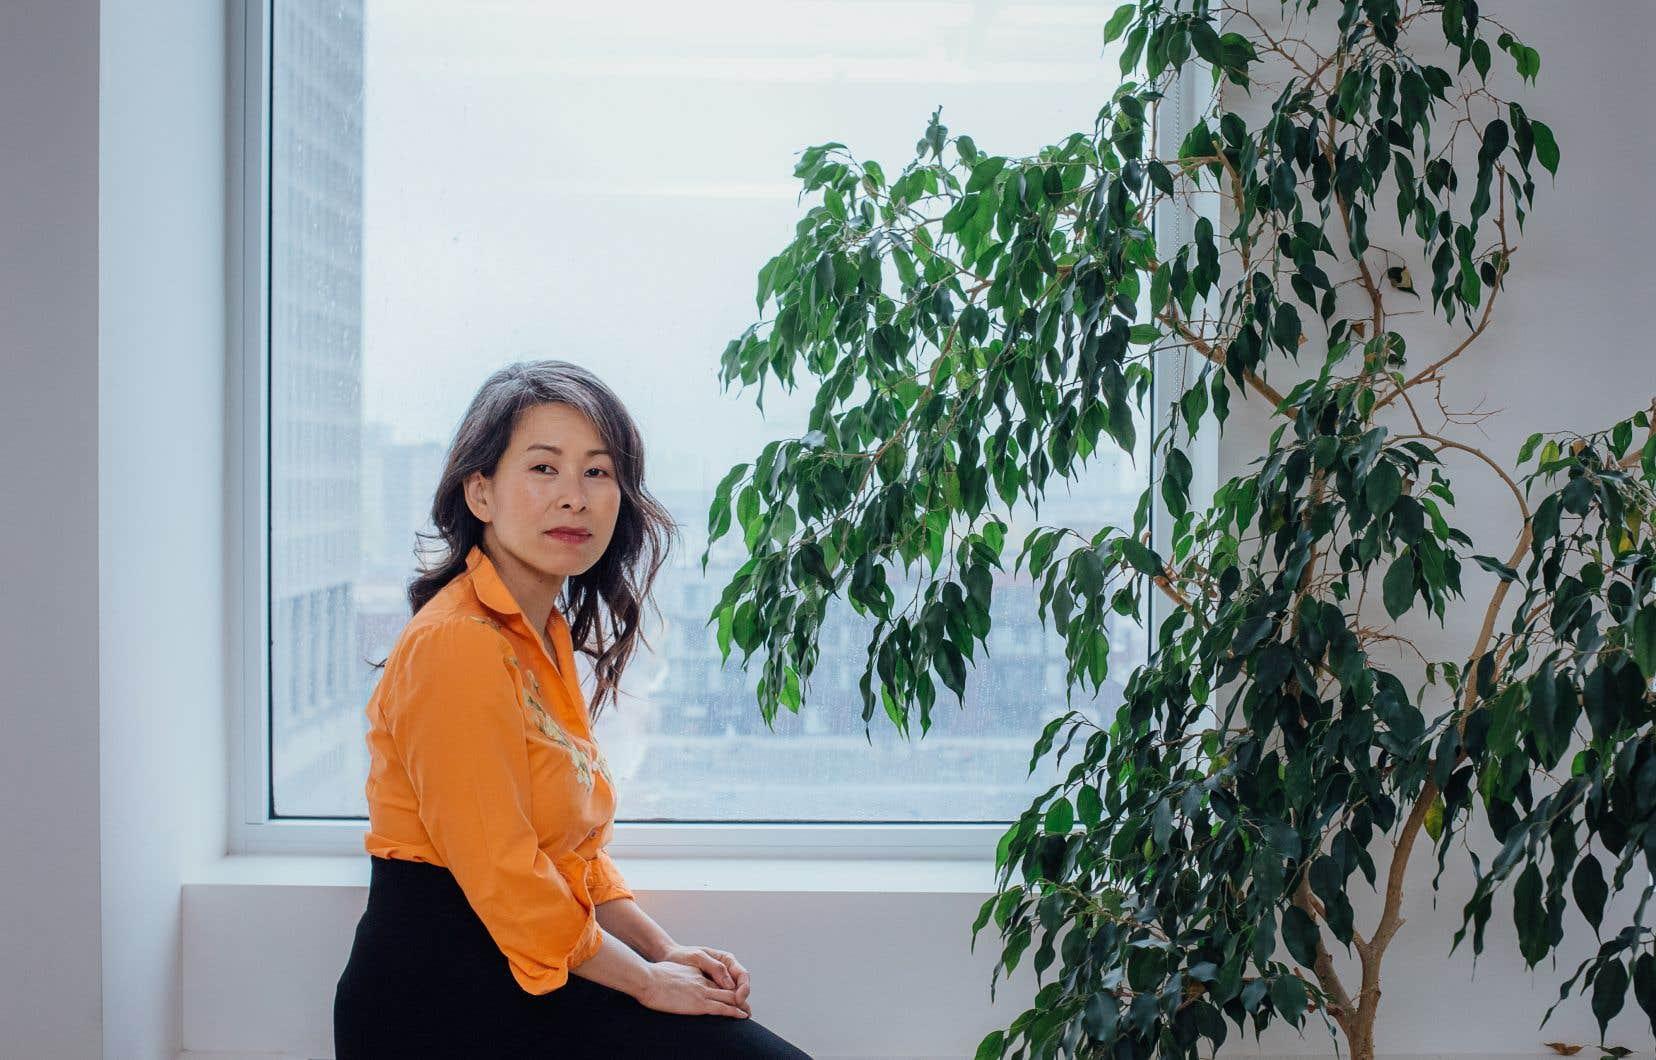 Dans «Em», Kim Thùy voulait «retracer la vie des ouvriers des plantations de caoutchouc, la vérité derrière l'opération Babylift, les ravages de l'agent orange et autres herbicides, de même que la conquête des salons de manucure par les Vietnamiennes», comme le résumait Manon Dumais en nos pages en octobre 2020.